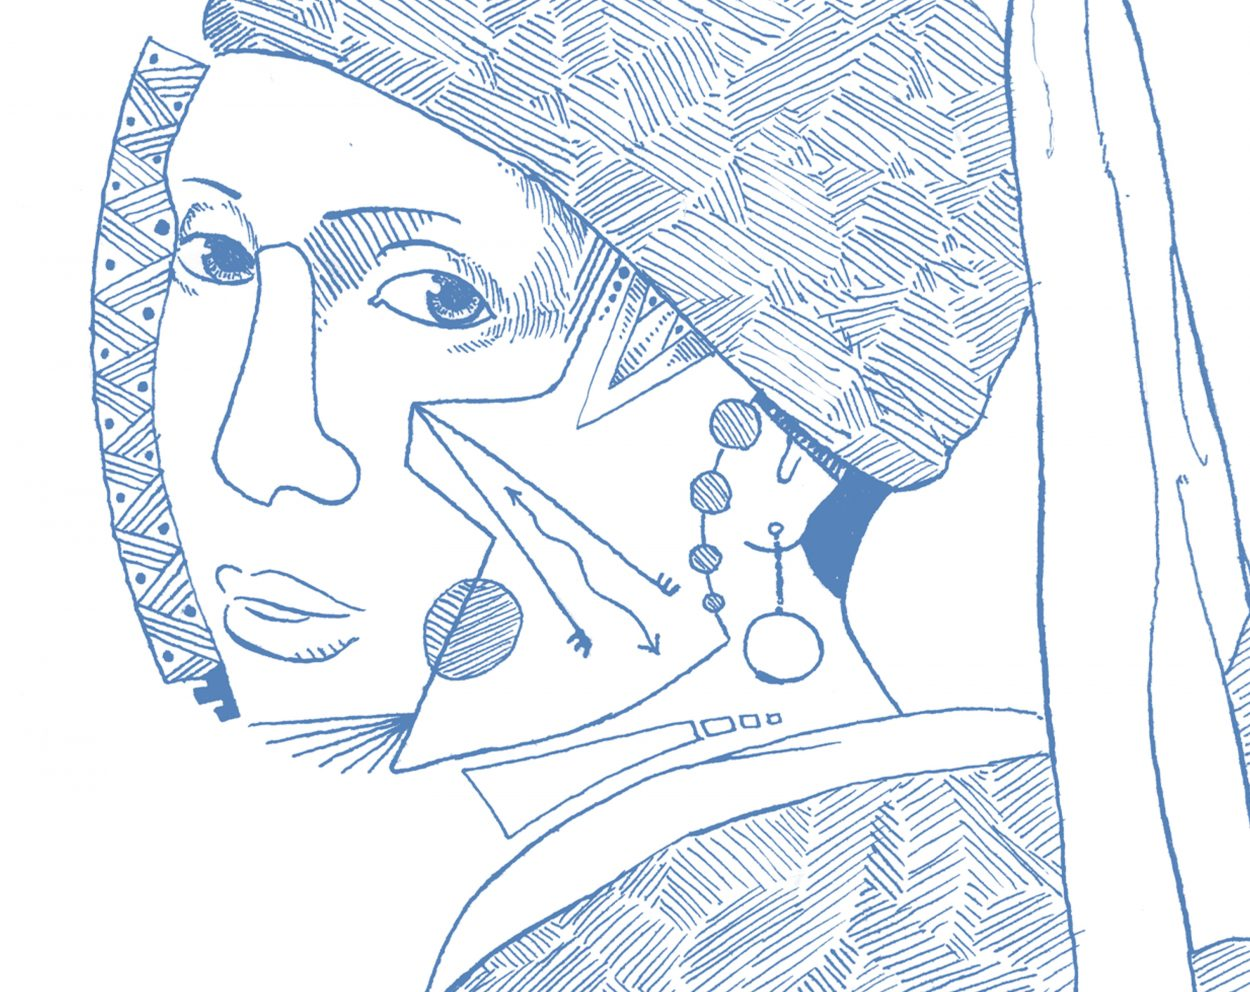 Detalle del dibujo con una versión de La Joven de la Perla de Johanes Vermeer. Ilustración lineal semi abstracta. Minimalismo.